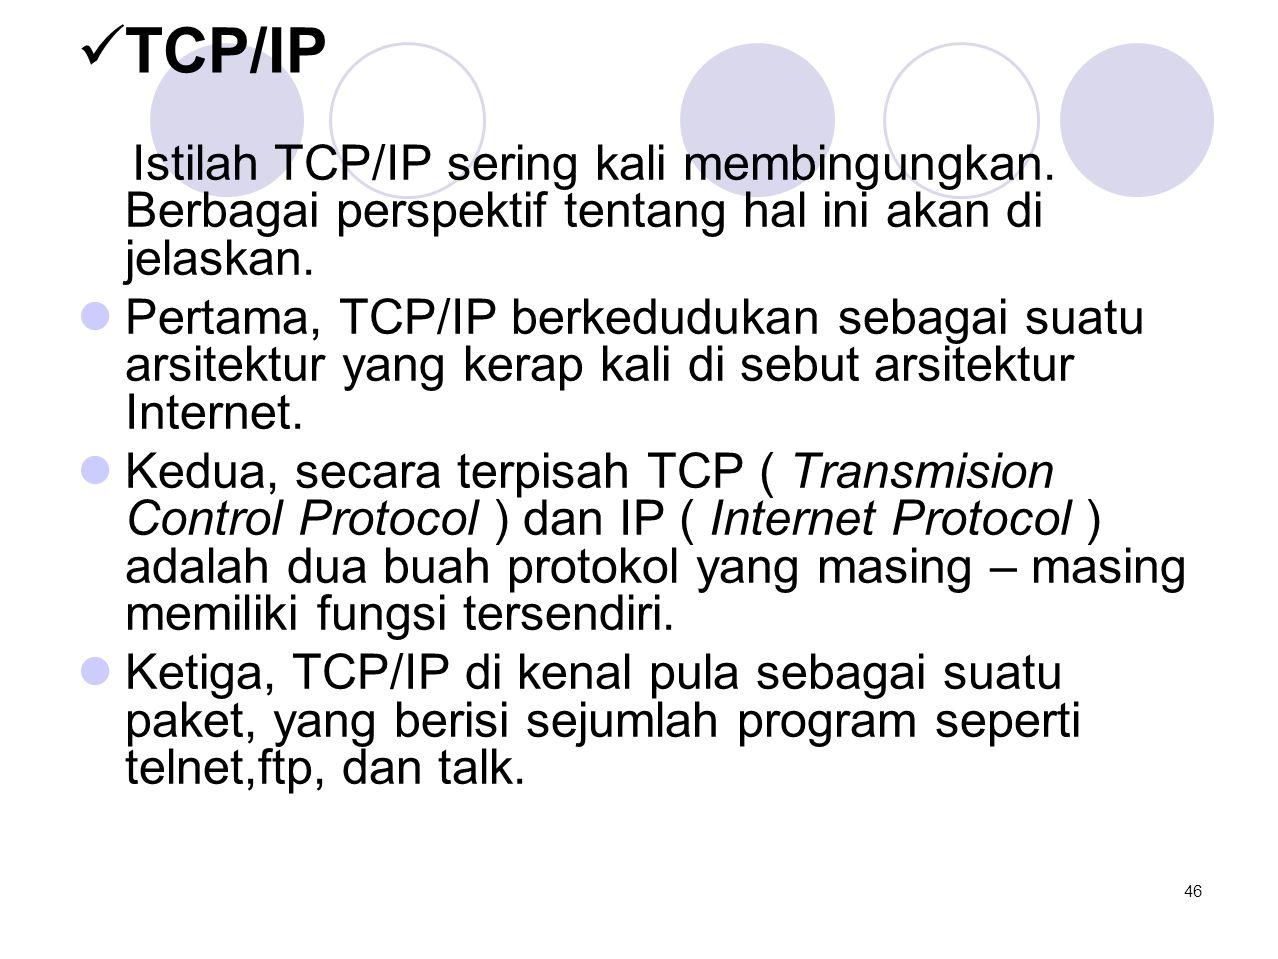  TCP/IP Istilah TCP/IP sering kali membingungkan. Berbagai perspektif tentang hal ini akan di jelaskan.  Pertama, TCP/IP berkedudukan sebagai suatu